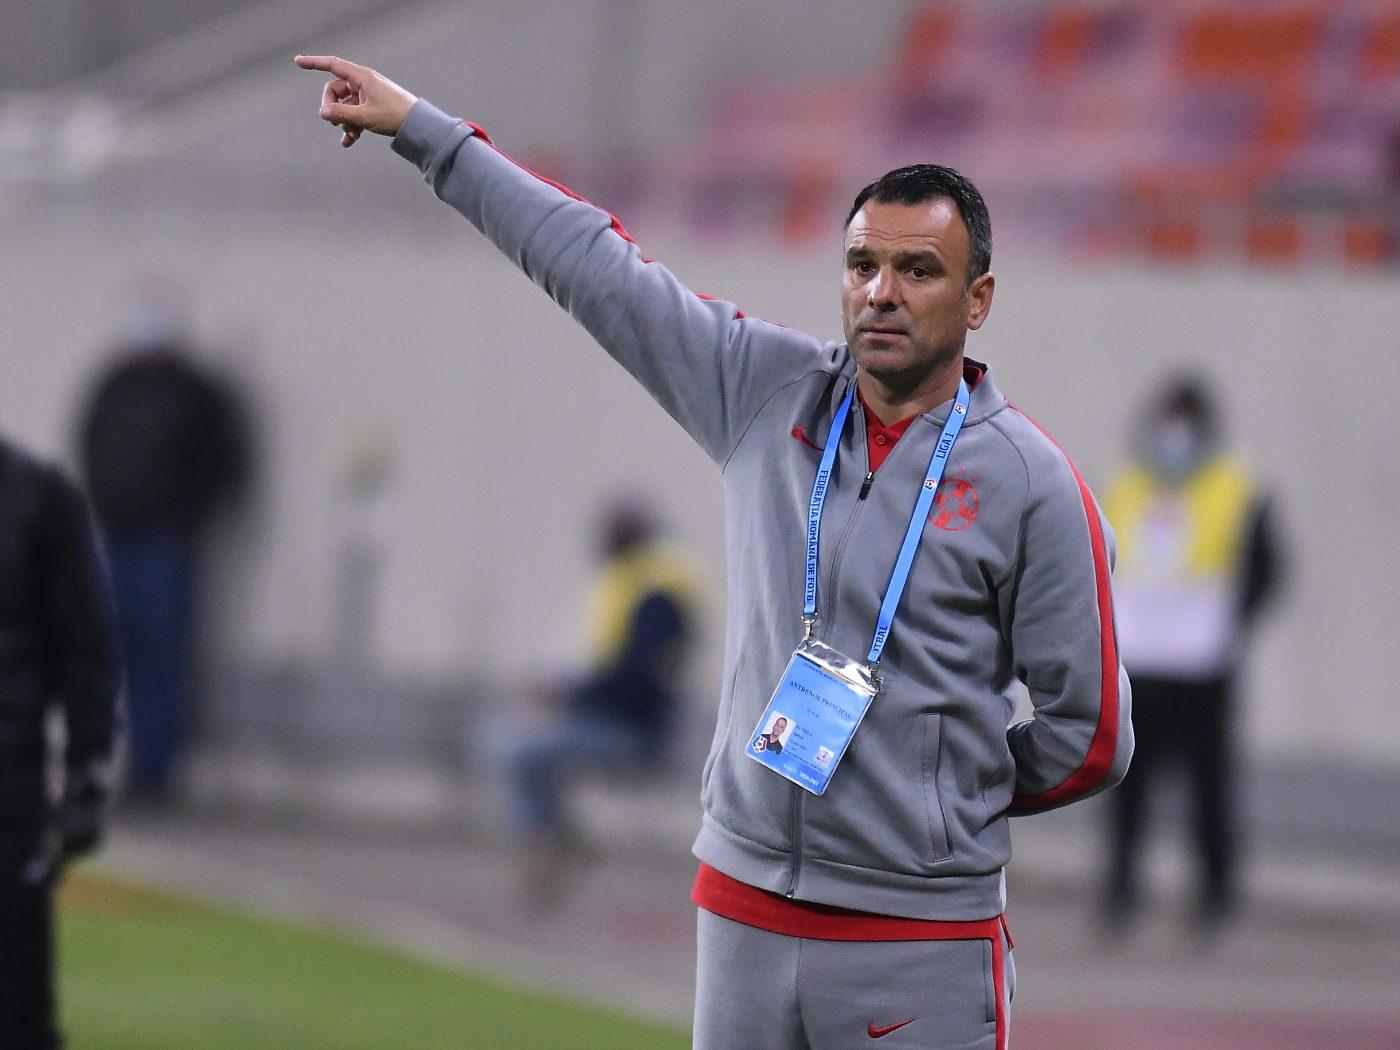 """Toni Petrea, avertisment înaintea primului meci al anului: """"Nu este bătut în cuie!"""" Ce spune antrenorul FCSB despre scandalul """"carantina"""""""